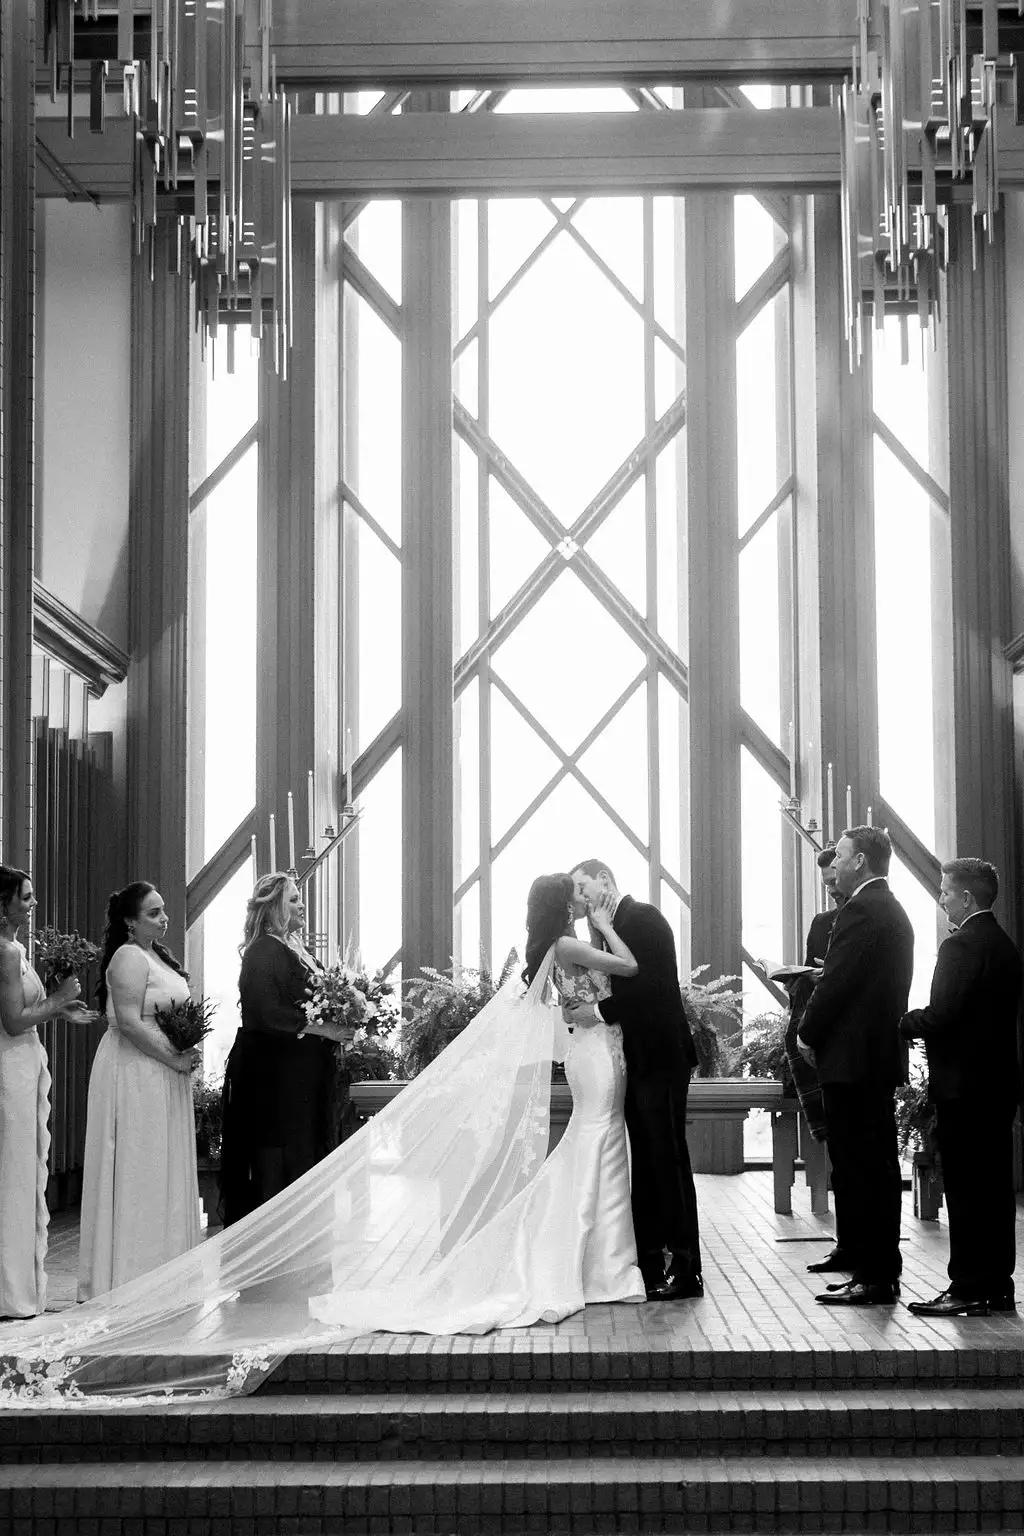 S75XEnIkmXg - Как найти веселого ведущего на свою свадьбу